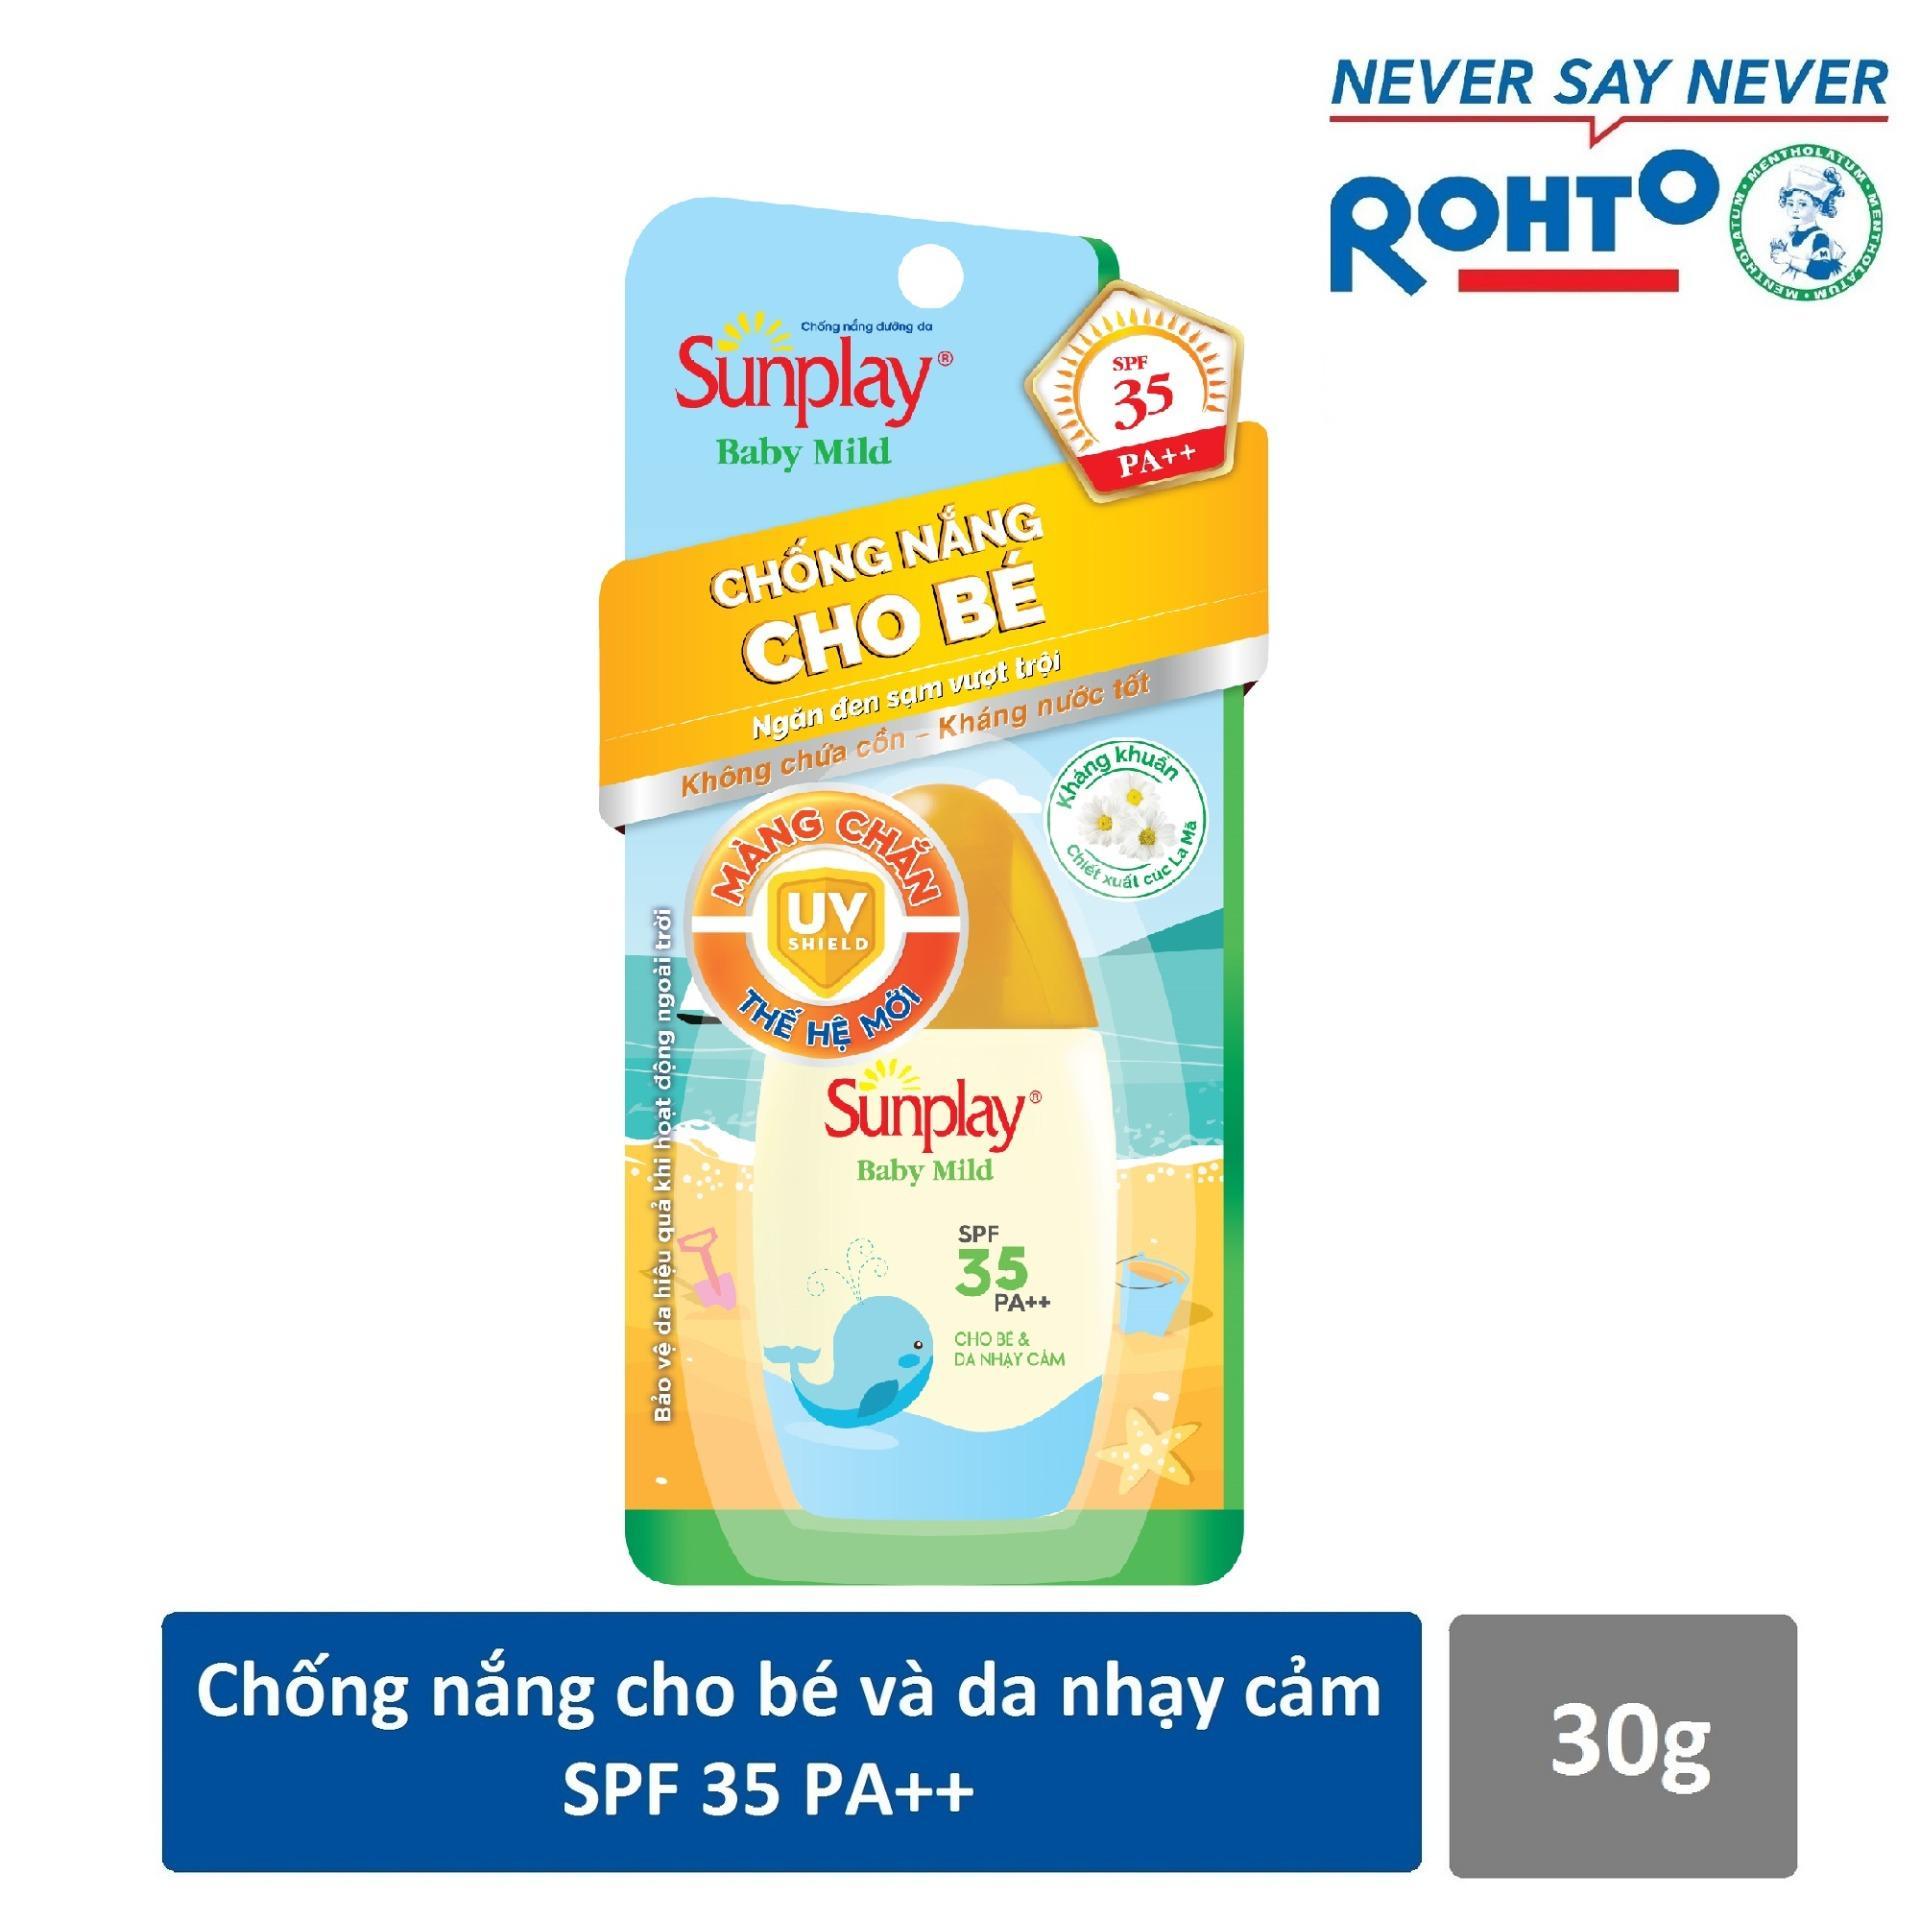 Sữa chống nắng cho bé và da nhạy cảm Sunplay Baby Mild SPF 35, PA++ 30g